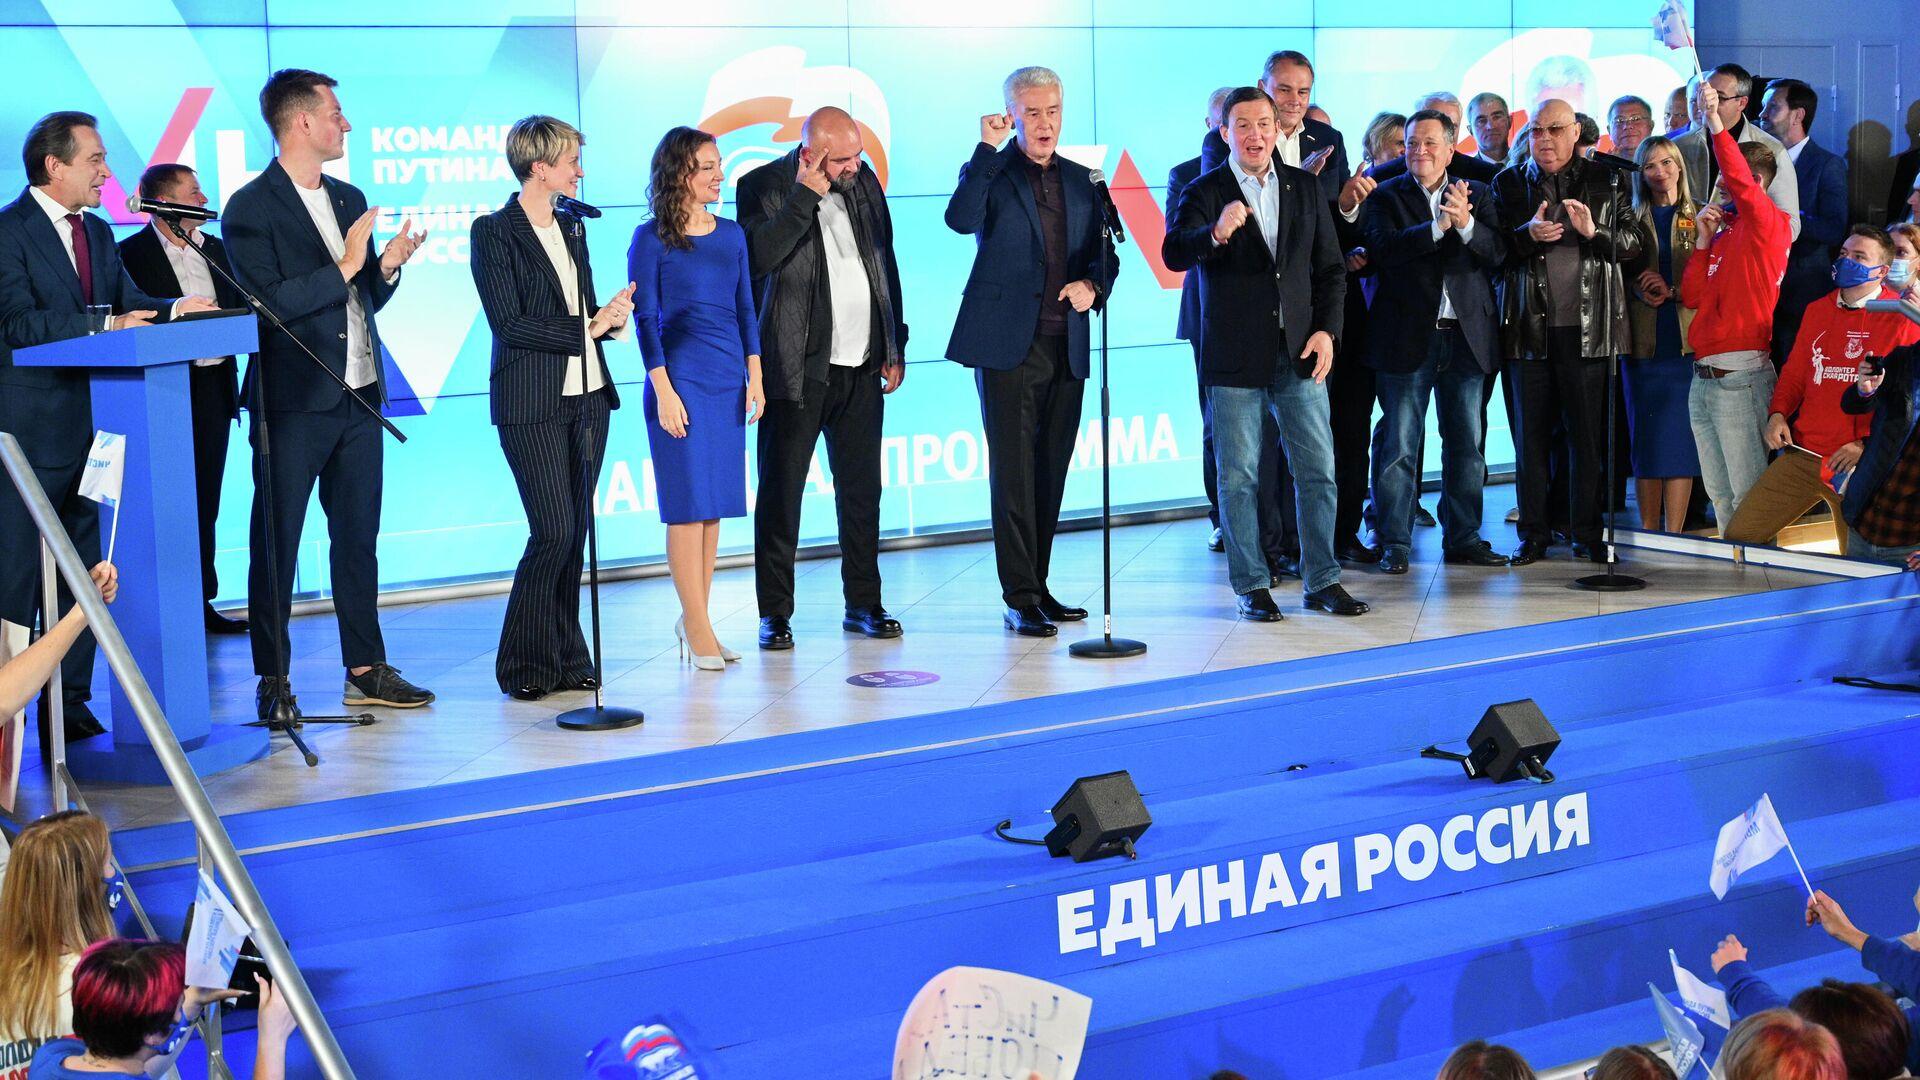 Το κόμμα Ενωμένη Ρωσία ο νικητής των εκλογών στη Δούμα - Sputnik Ελλάδα, 1920, 21.09.2021